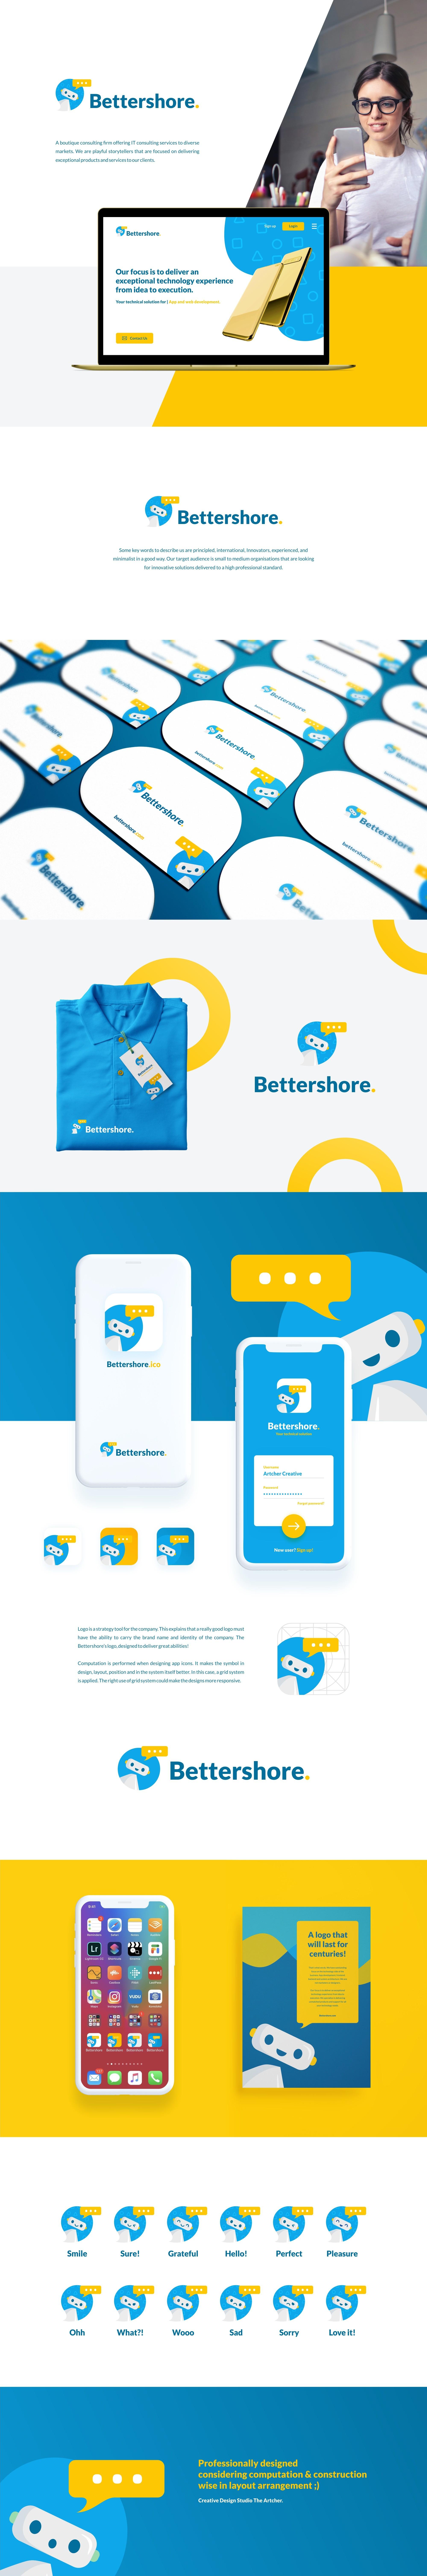 Design a new fun logo for boutique IT consultancy company